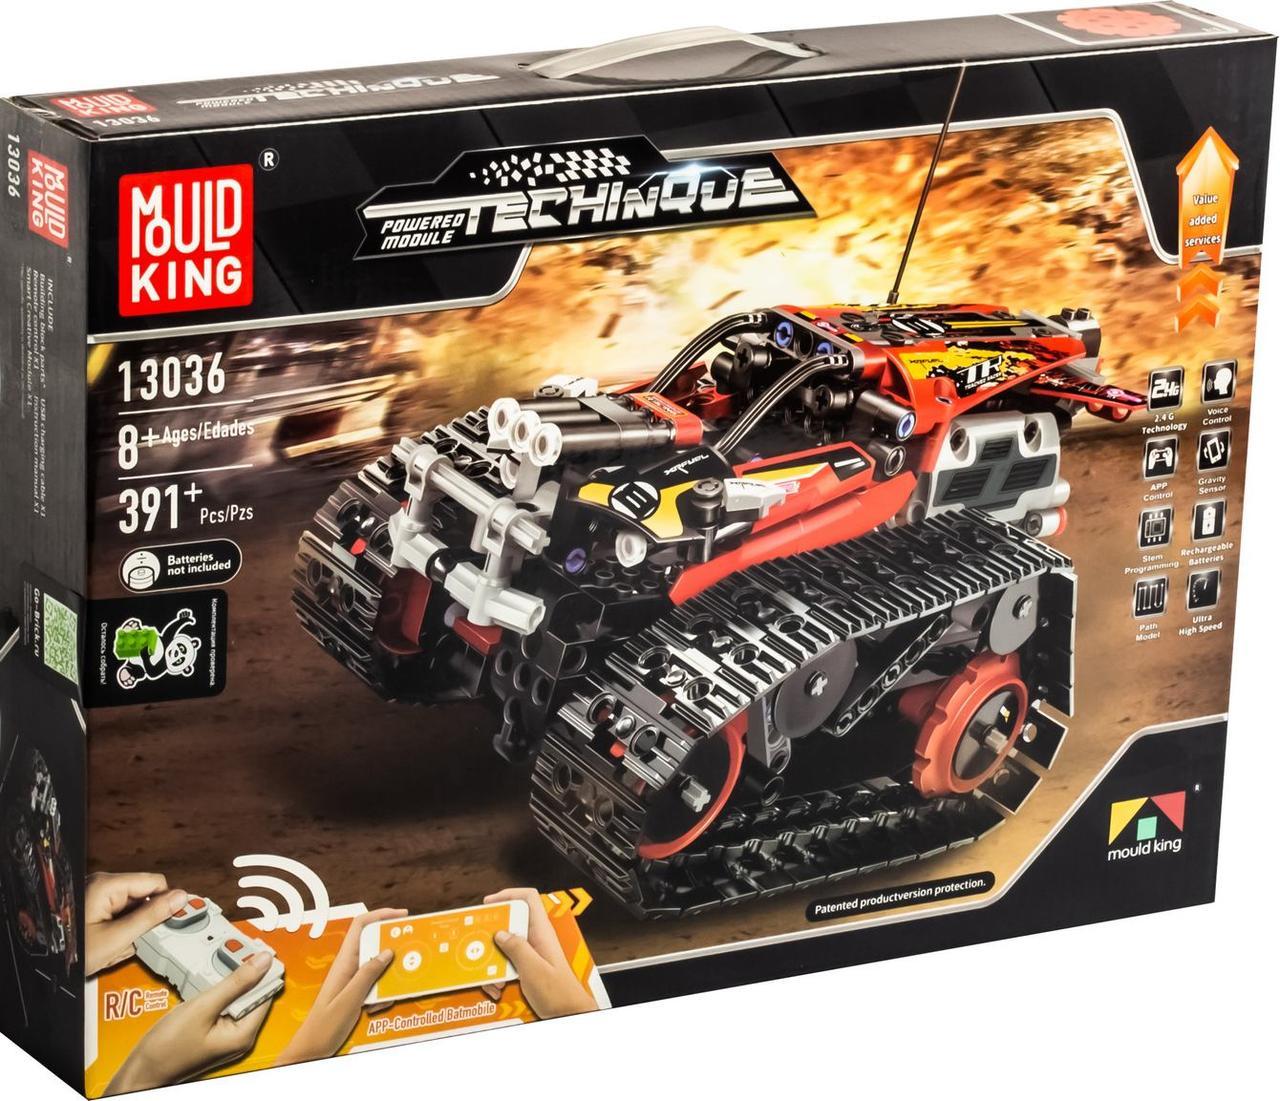 Конструктор Mould King 13036 Красный скоростной вездеход с ДУ, 391 дет. (Аналог LEGO)